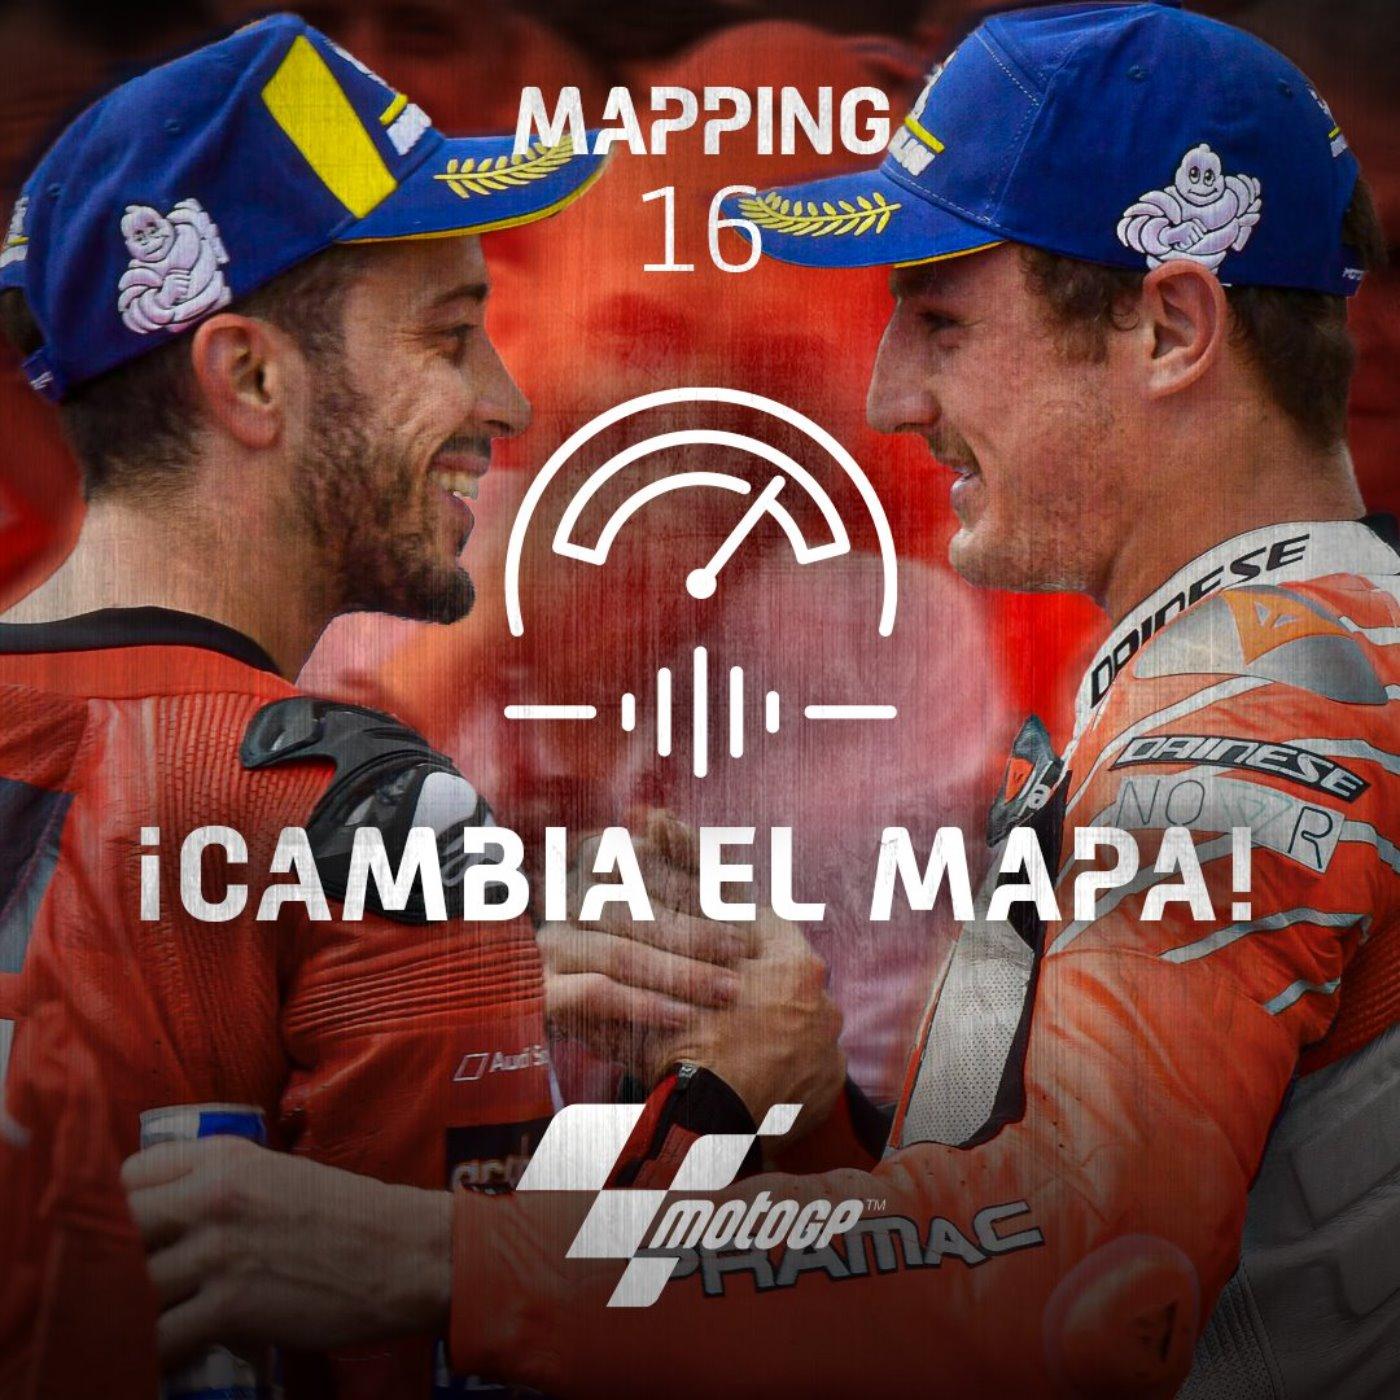 Mapping 16: Los frentes abiertos del nuevo ciclo de Ducati